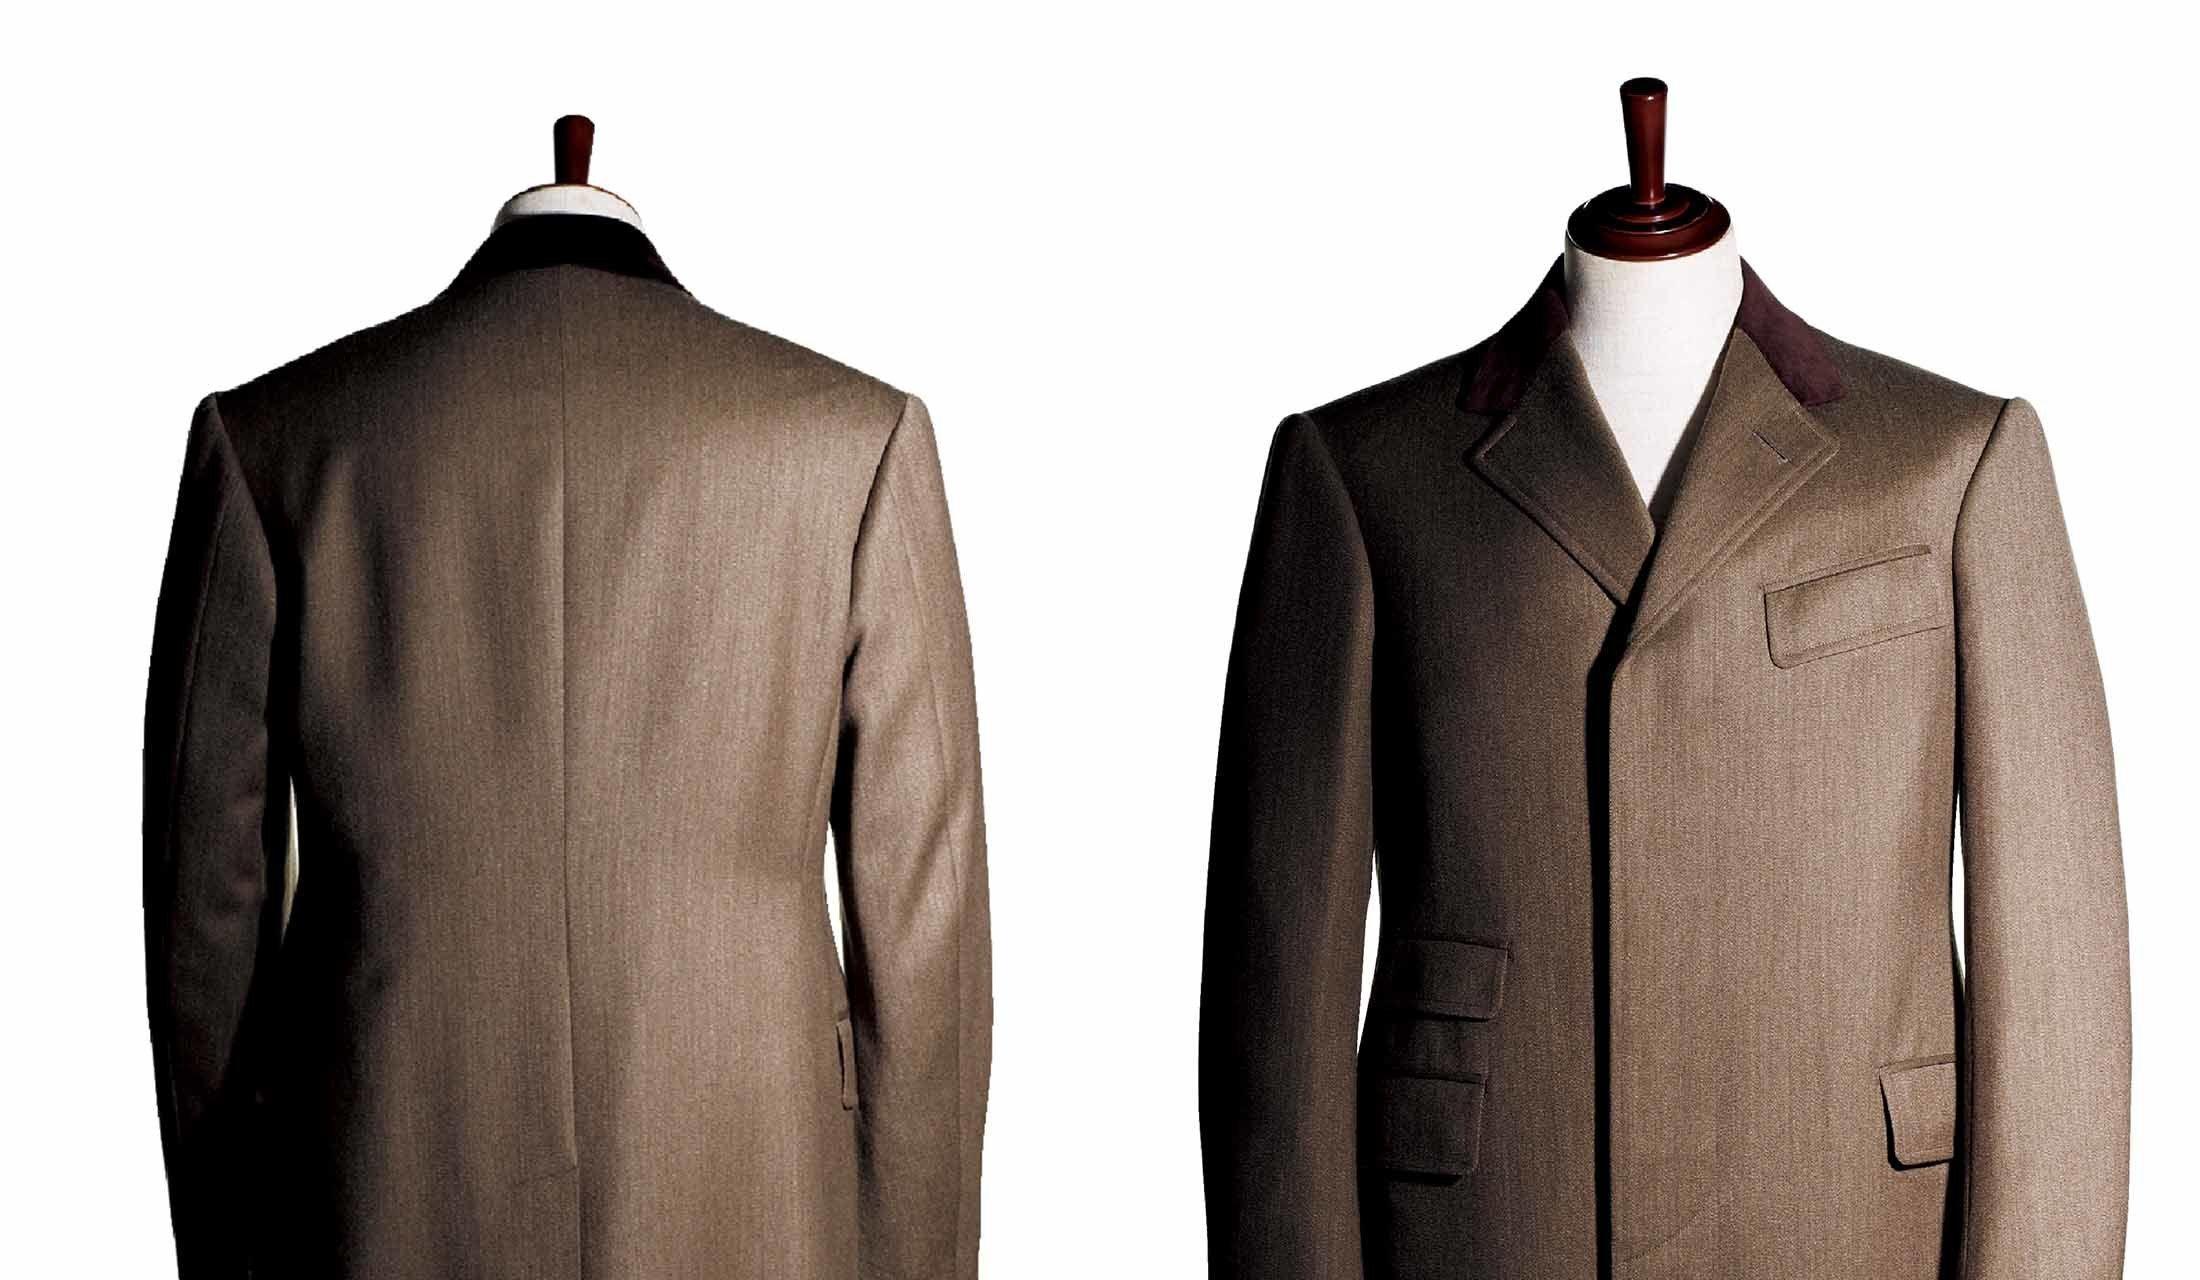 ディトーズで仕立てたカバーコート